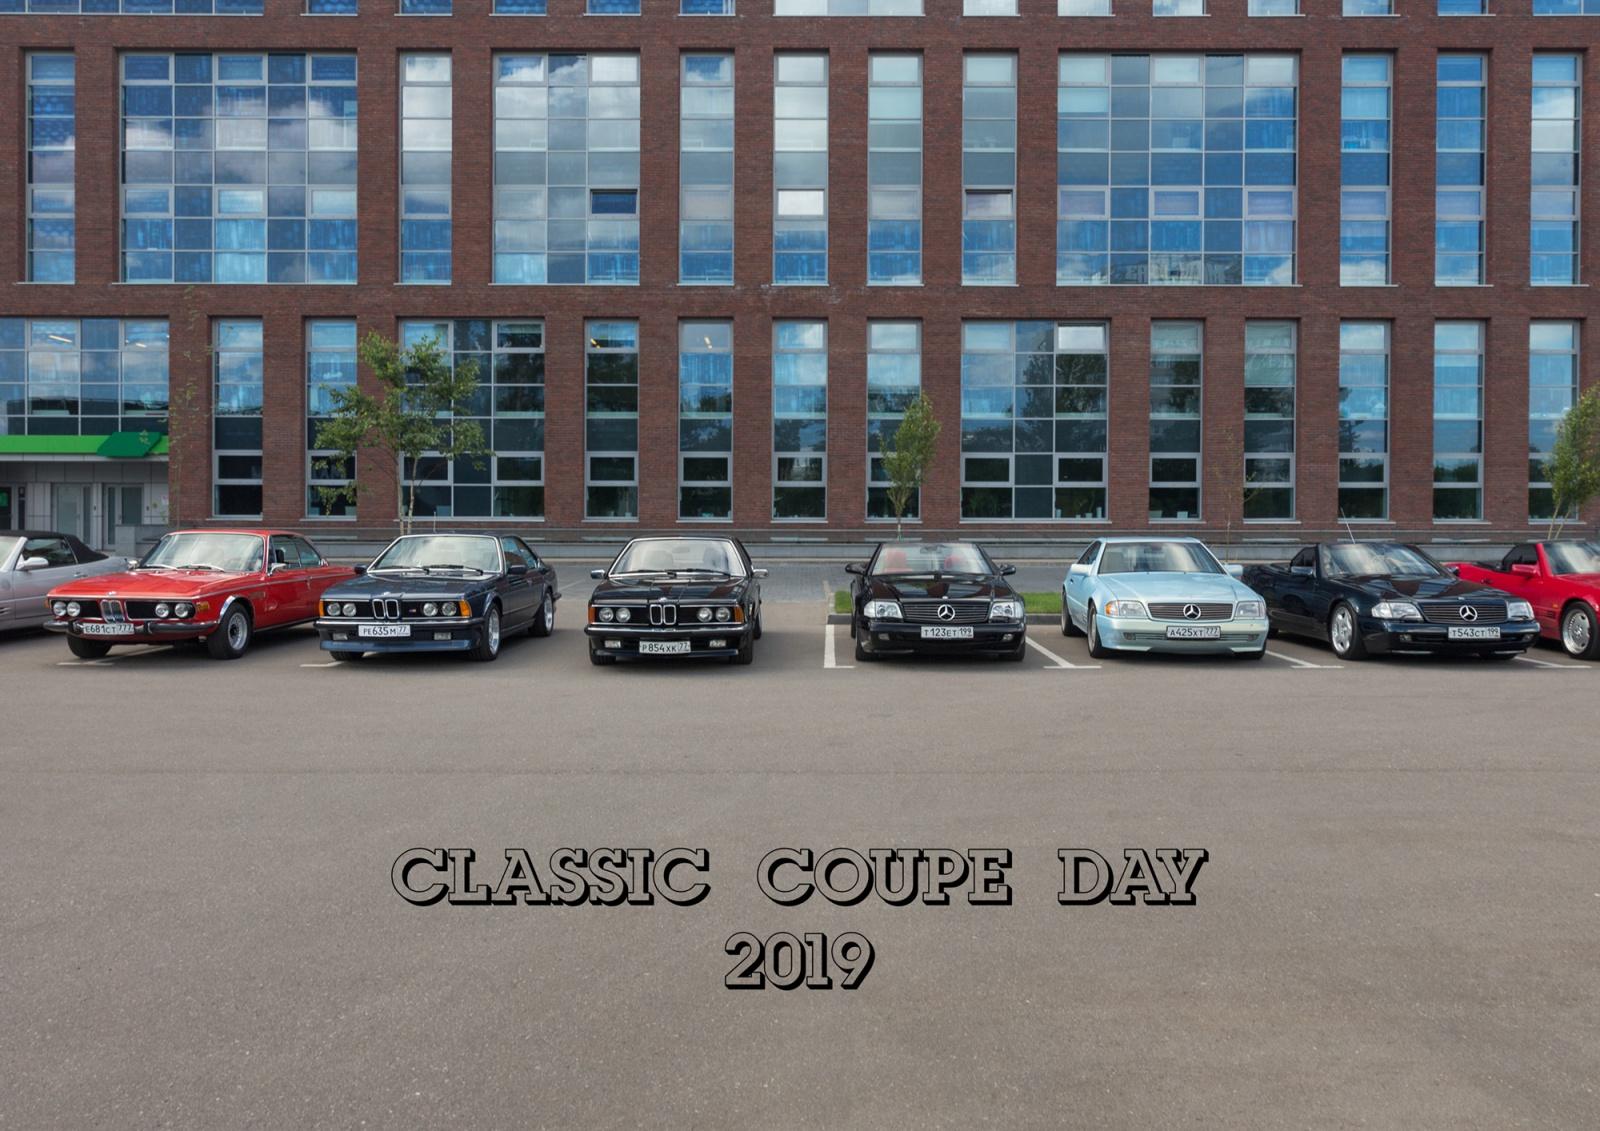 Название: CALENDAR A3 Classik coupe day-2019-x6_FINAL-nor-1.jpg Просмотров: 167  Размер: 591.2 Кб